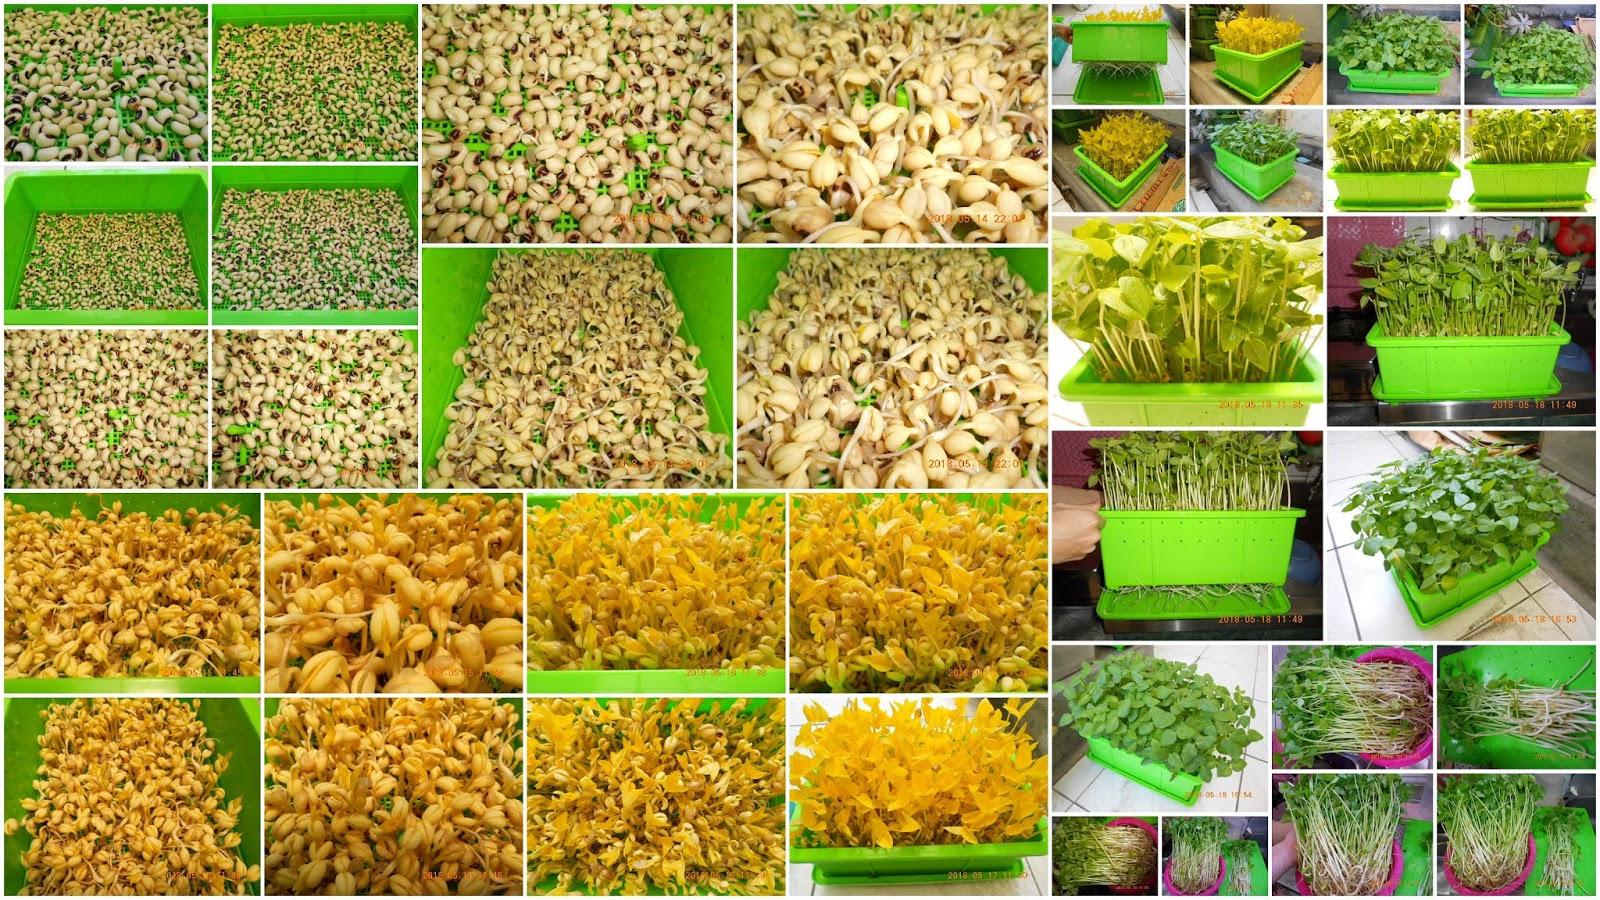 芽菜自己在家簡單種, 有機無毒自己來把關